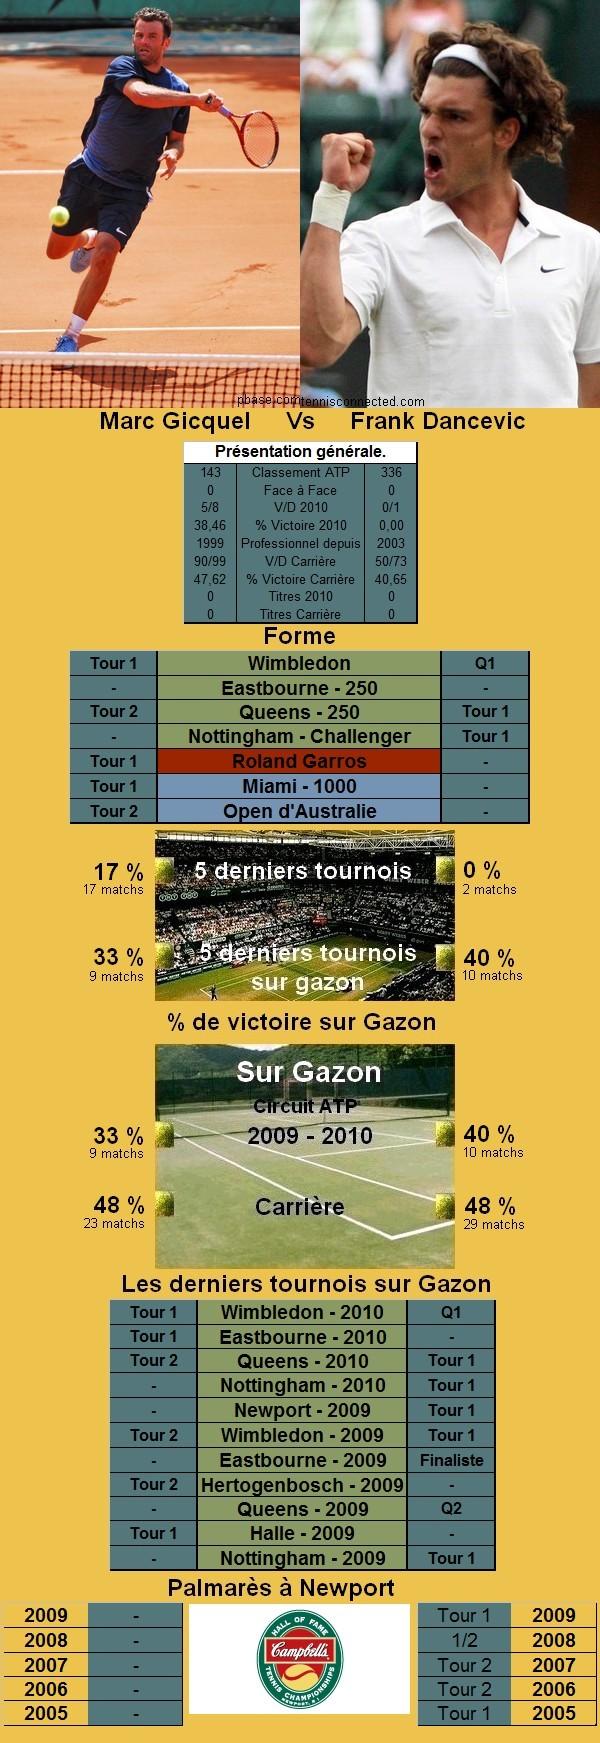 Statistiques tennis de Gicquel contre Dancevic à Newport